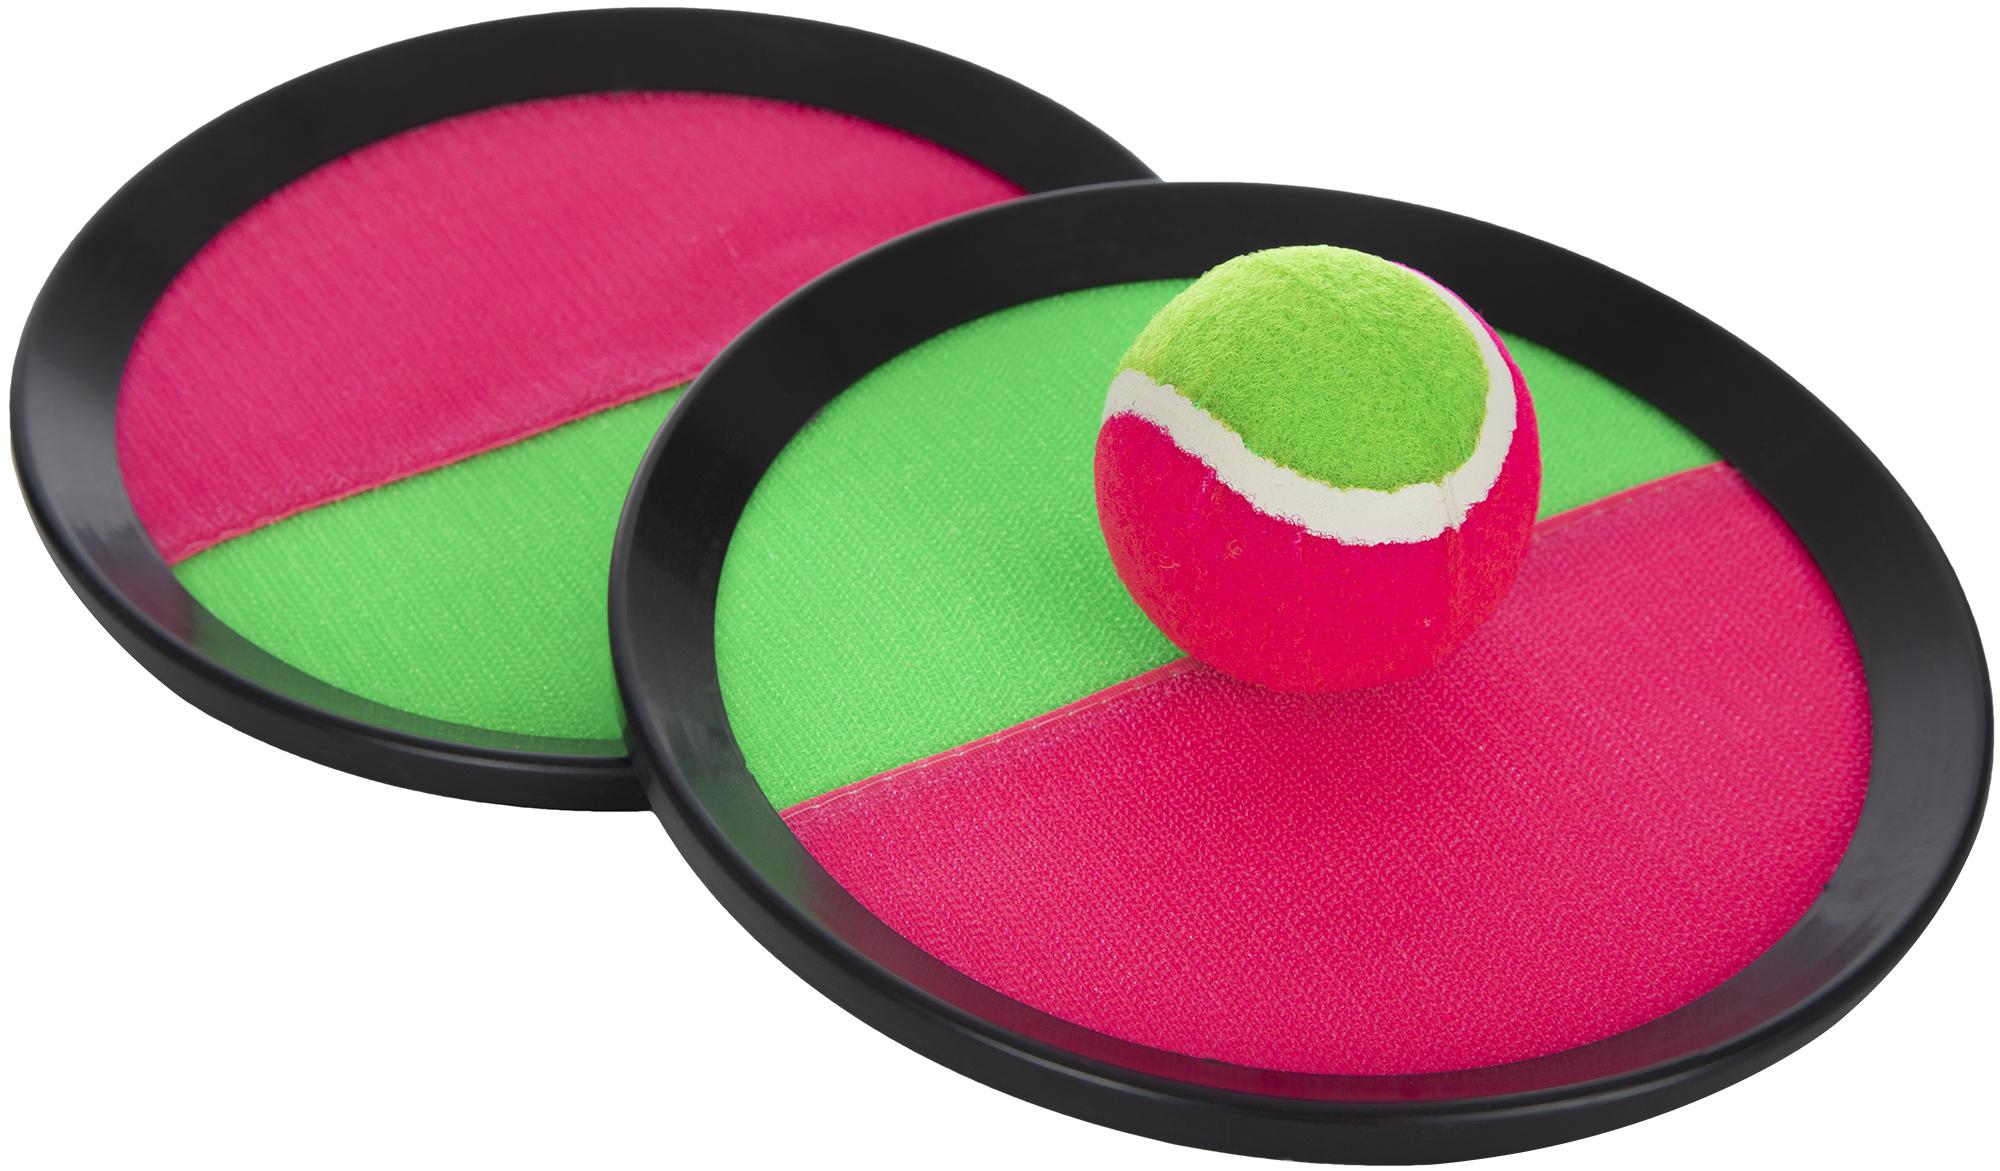 Torneo Набор: тарелки-ловушки и мяч Torneo